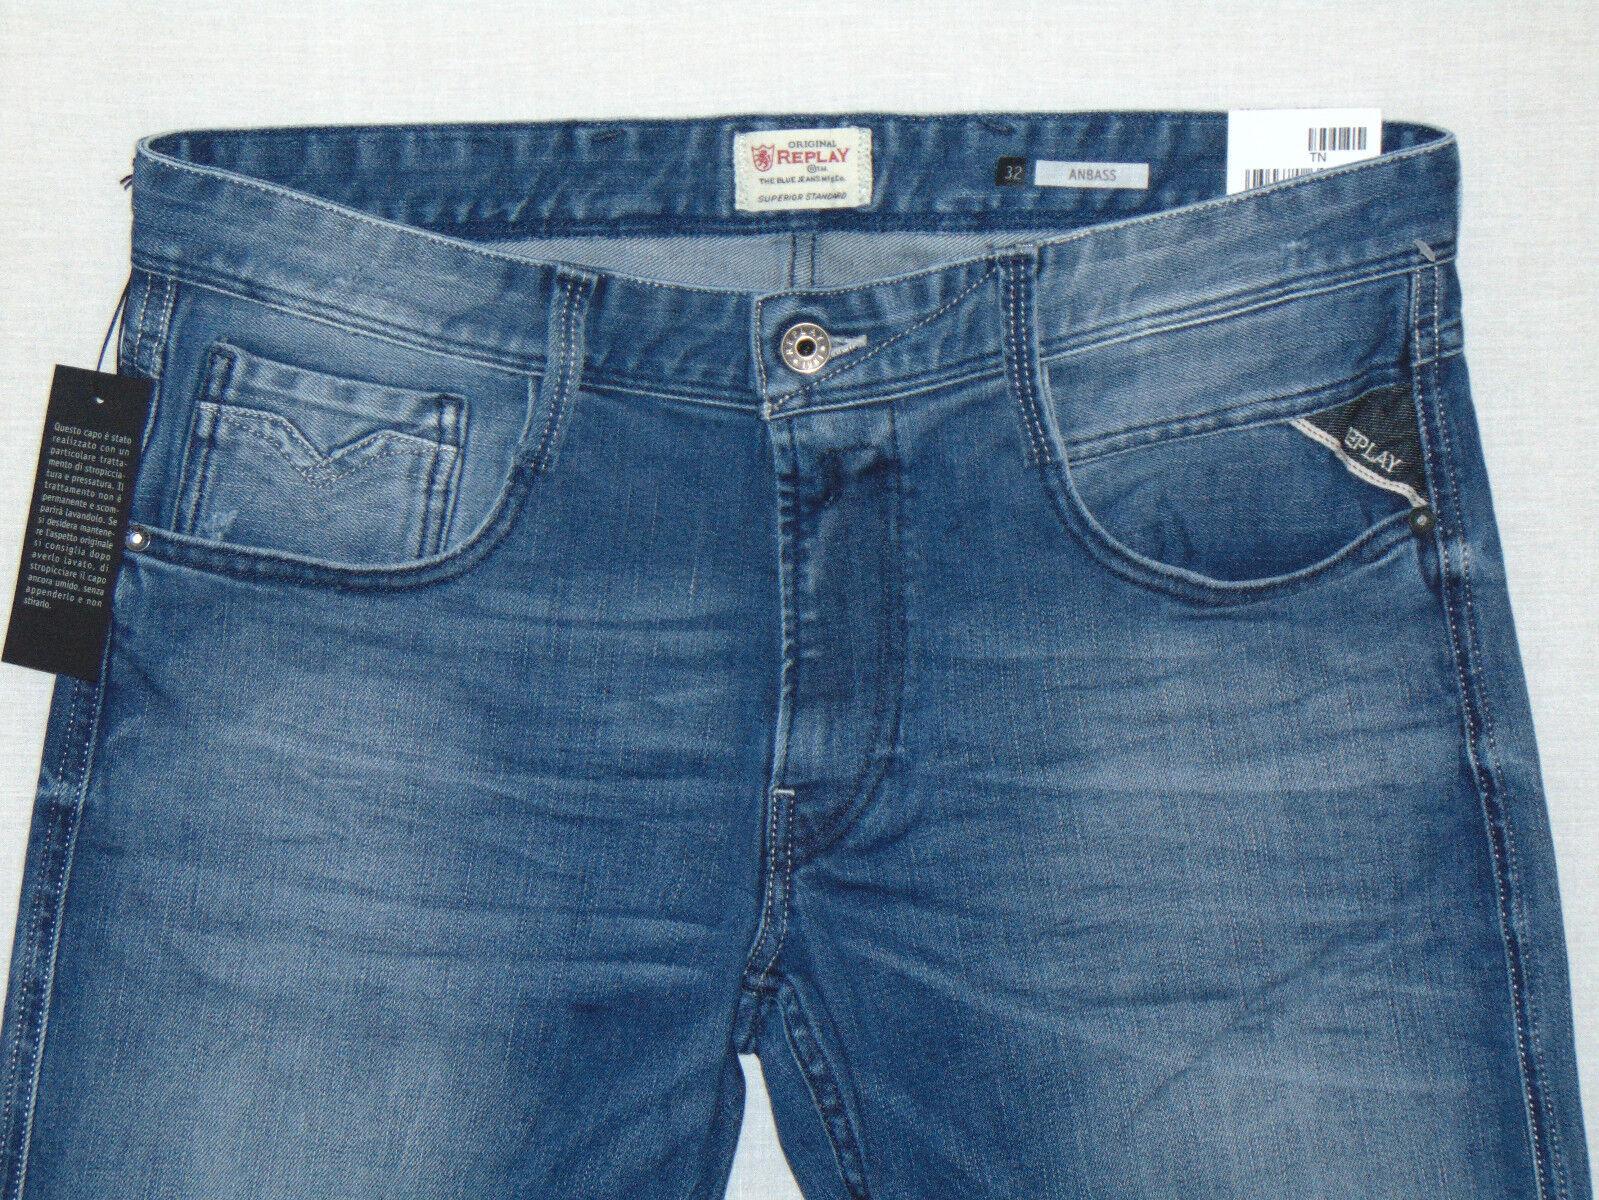 REPLAY ANBASS Stretch Slim Slim Slim Fit RRP  da uomo 12oz Blu Scuro Jeans Denim Comfort ecd9ce